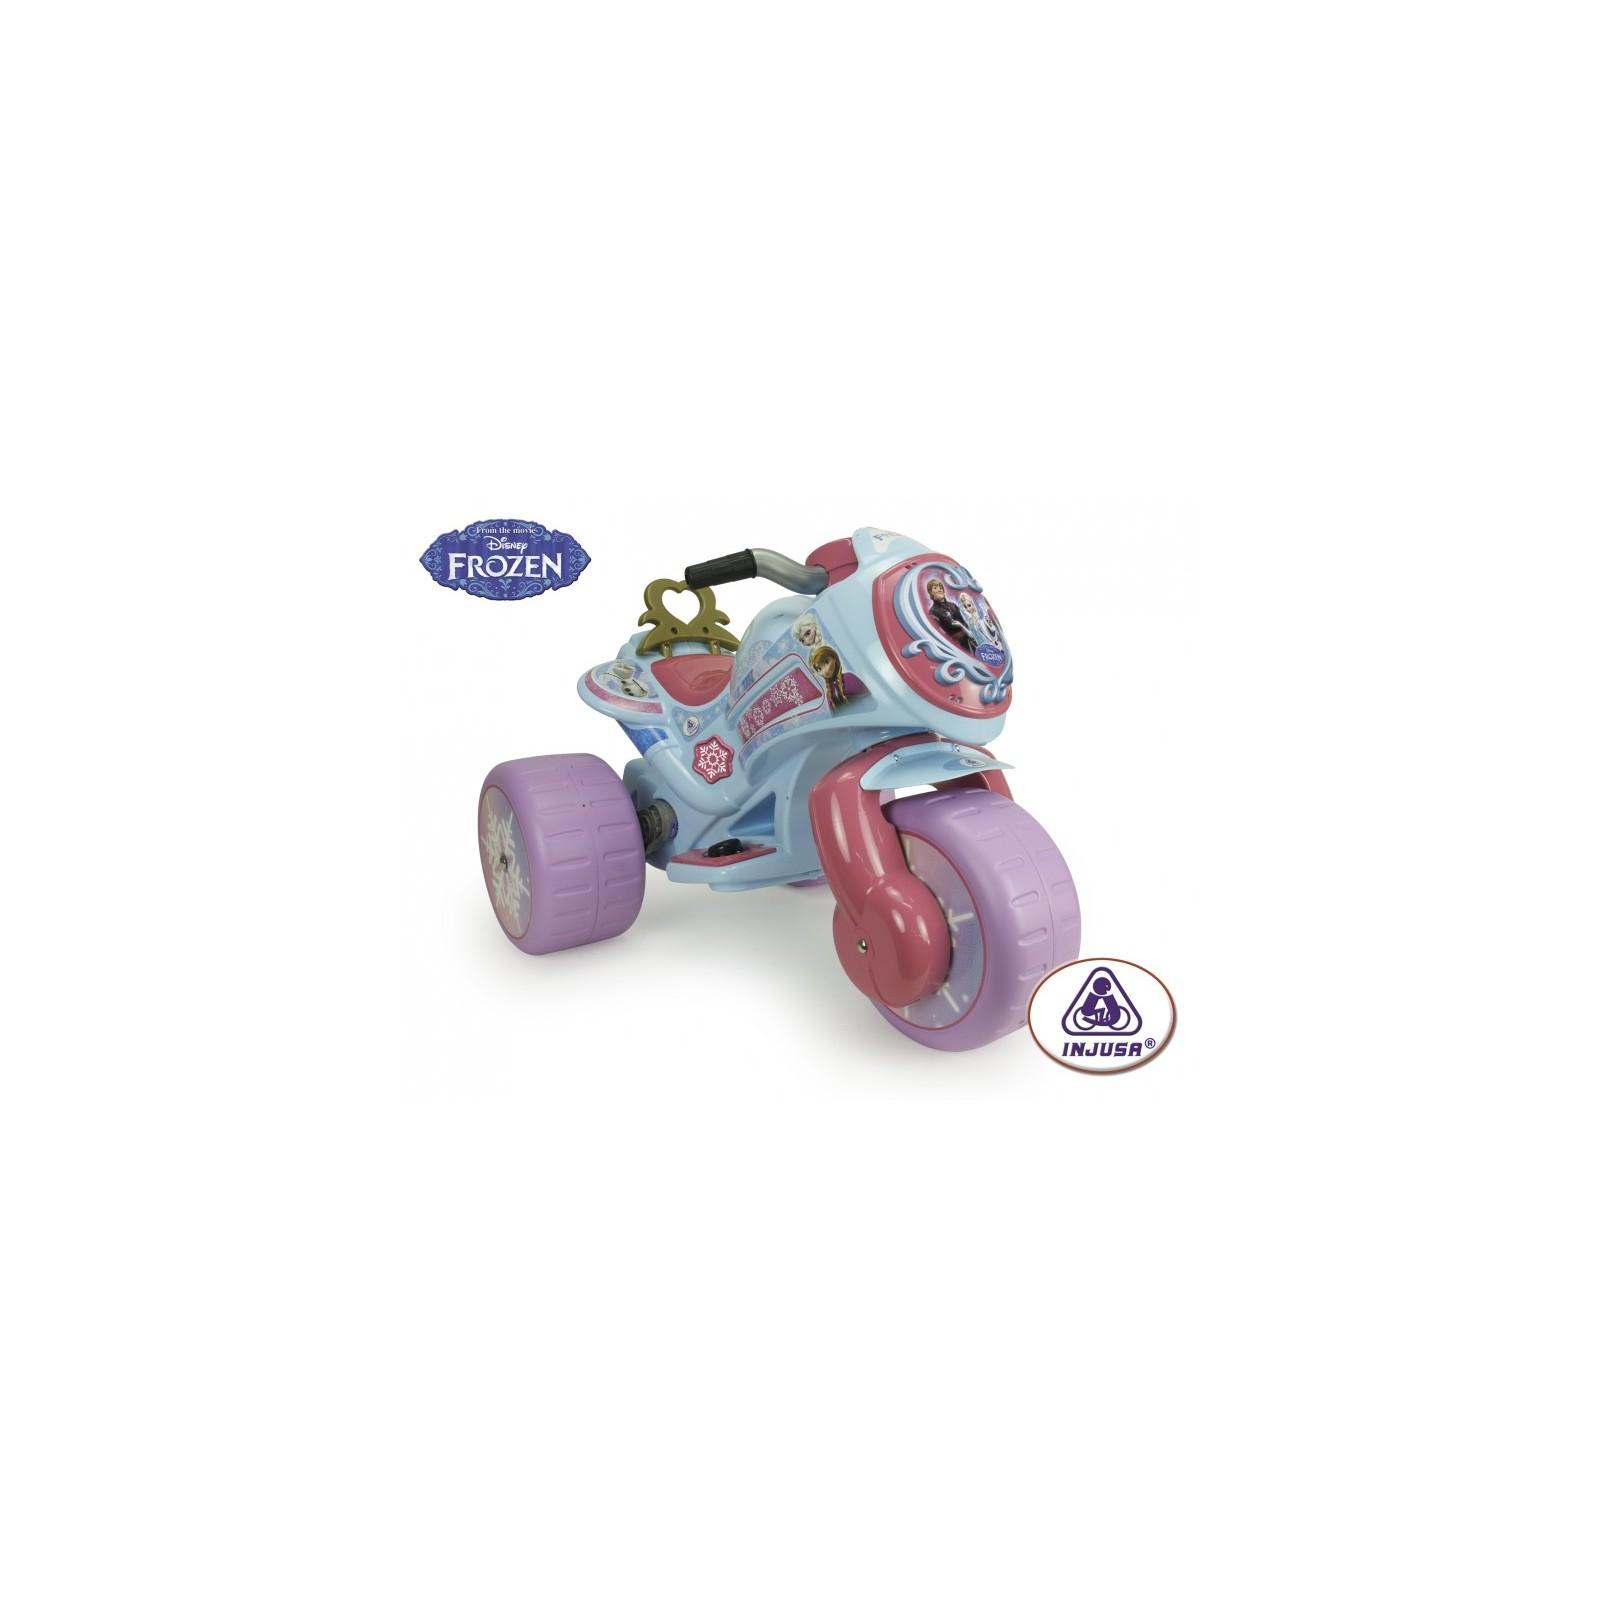 3 Roues Walt Et Moto Jouets 6v Jeux Frozen Disney De f7vb6yYIg